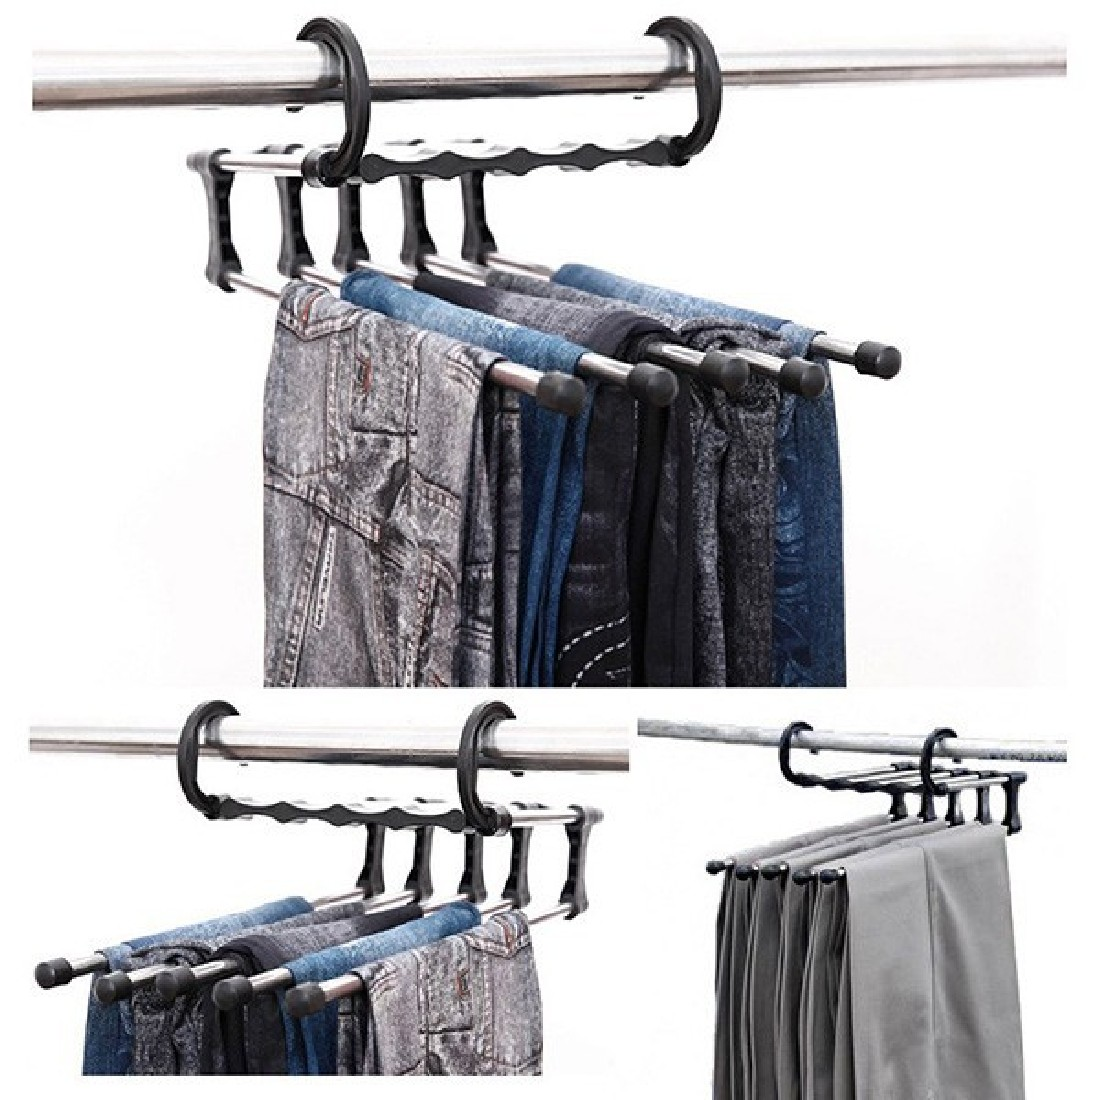 1 Pcs Magique Pantalon Pantalon Cintre Multifonction Rétractable Placard 5 dans 1 Pratique et Pratique